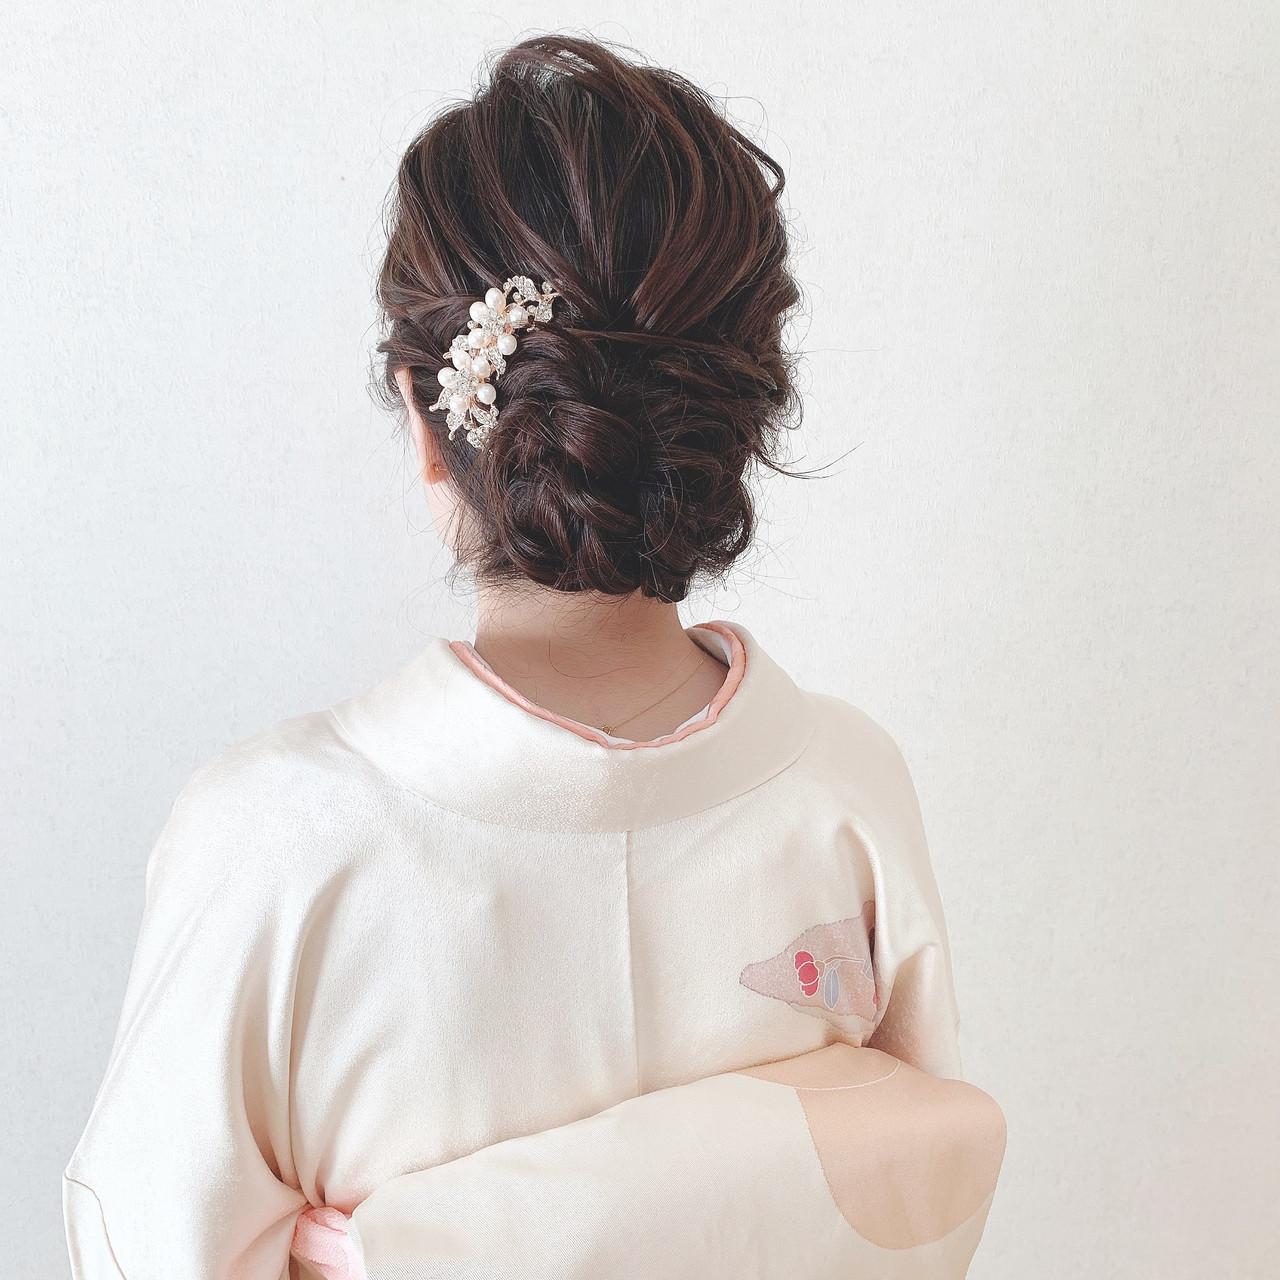 結婚式ヘアアレンジ エレガント お呼ばれ ヘアアレンジ ヘアスタイルや髪型の写真・画像 | Moriyama Mami / 福岡天神ヘアセット・着付け専門店【Three-keys】